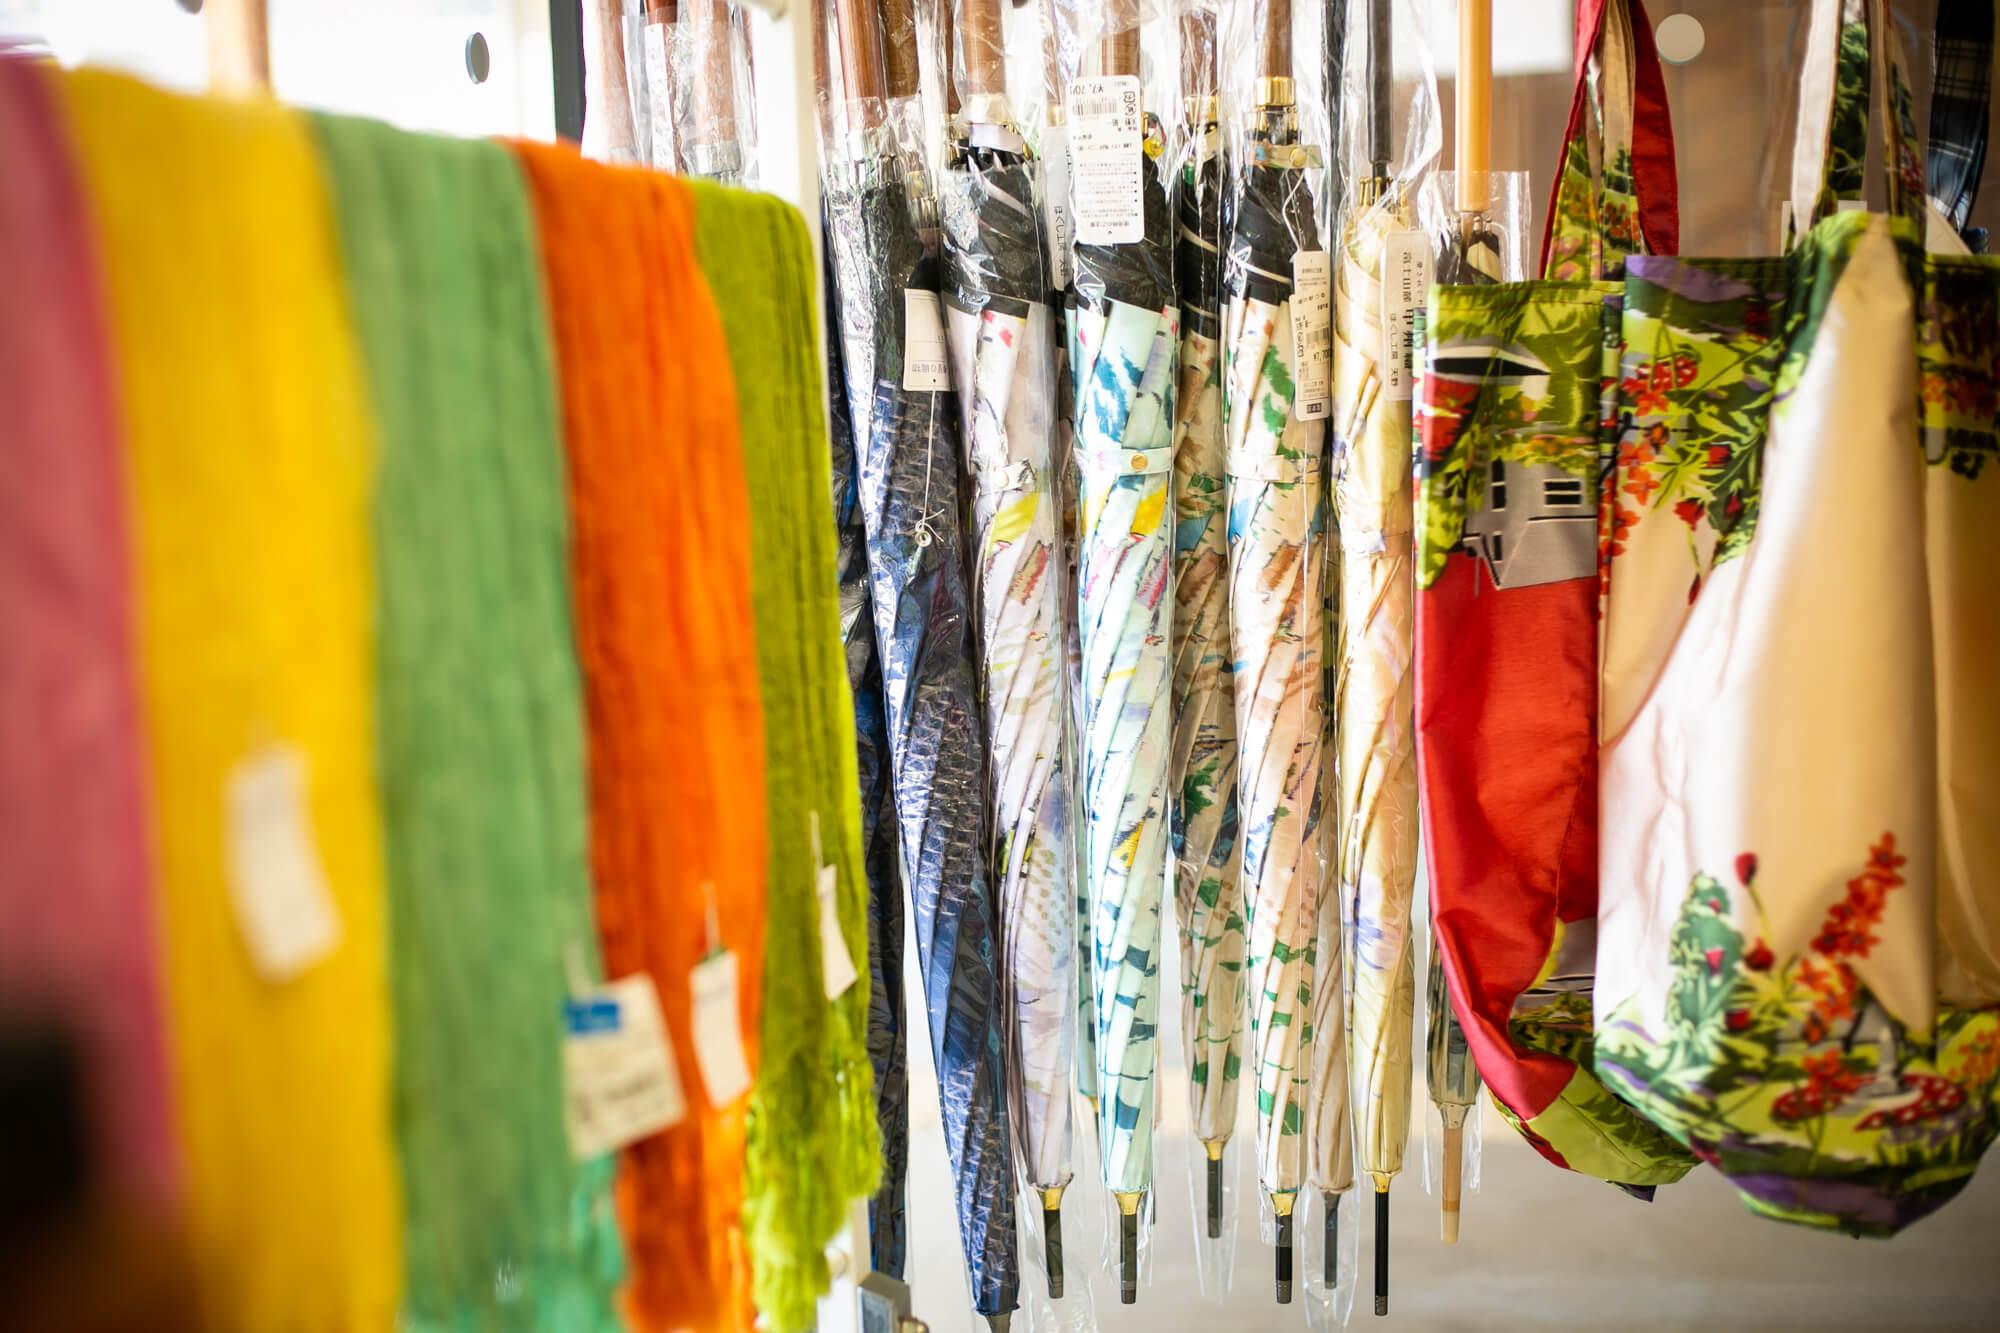 郡内織の傘やストール、エコバッグなども販売しています(観光案内所にて)。